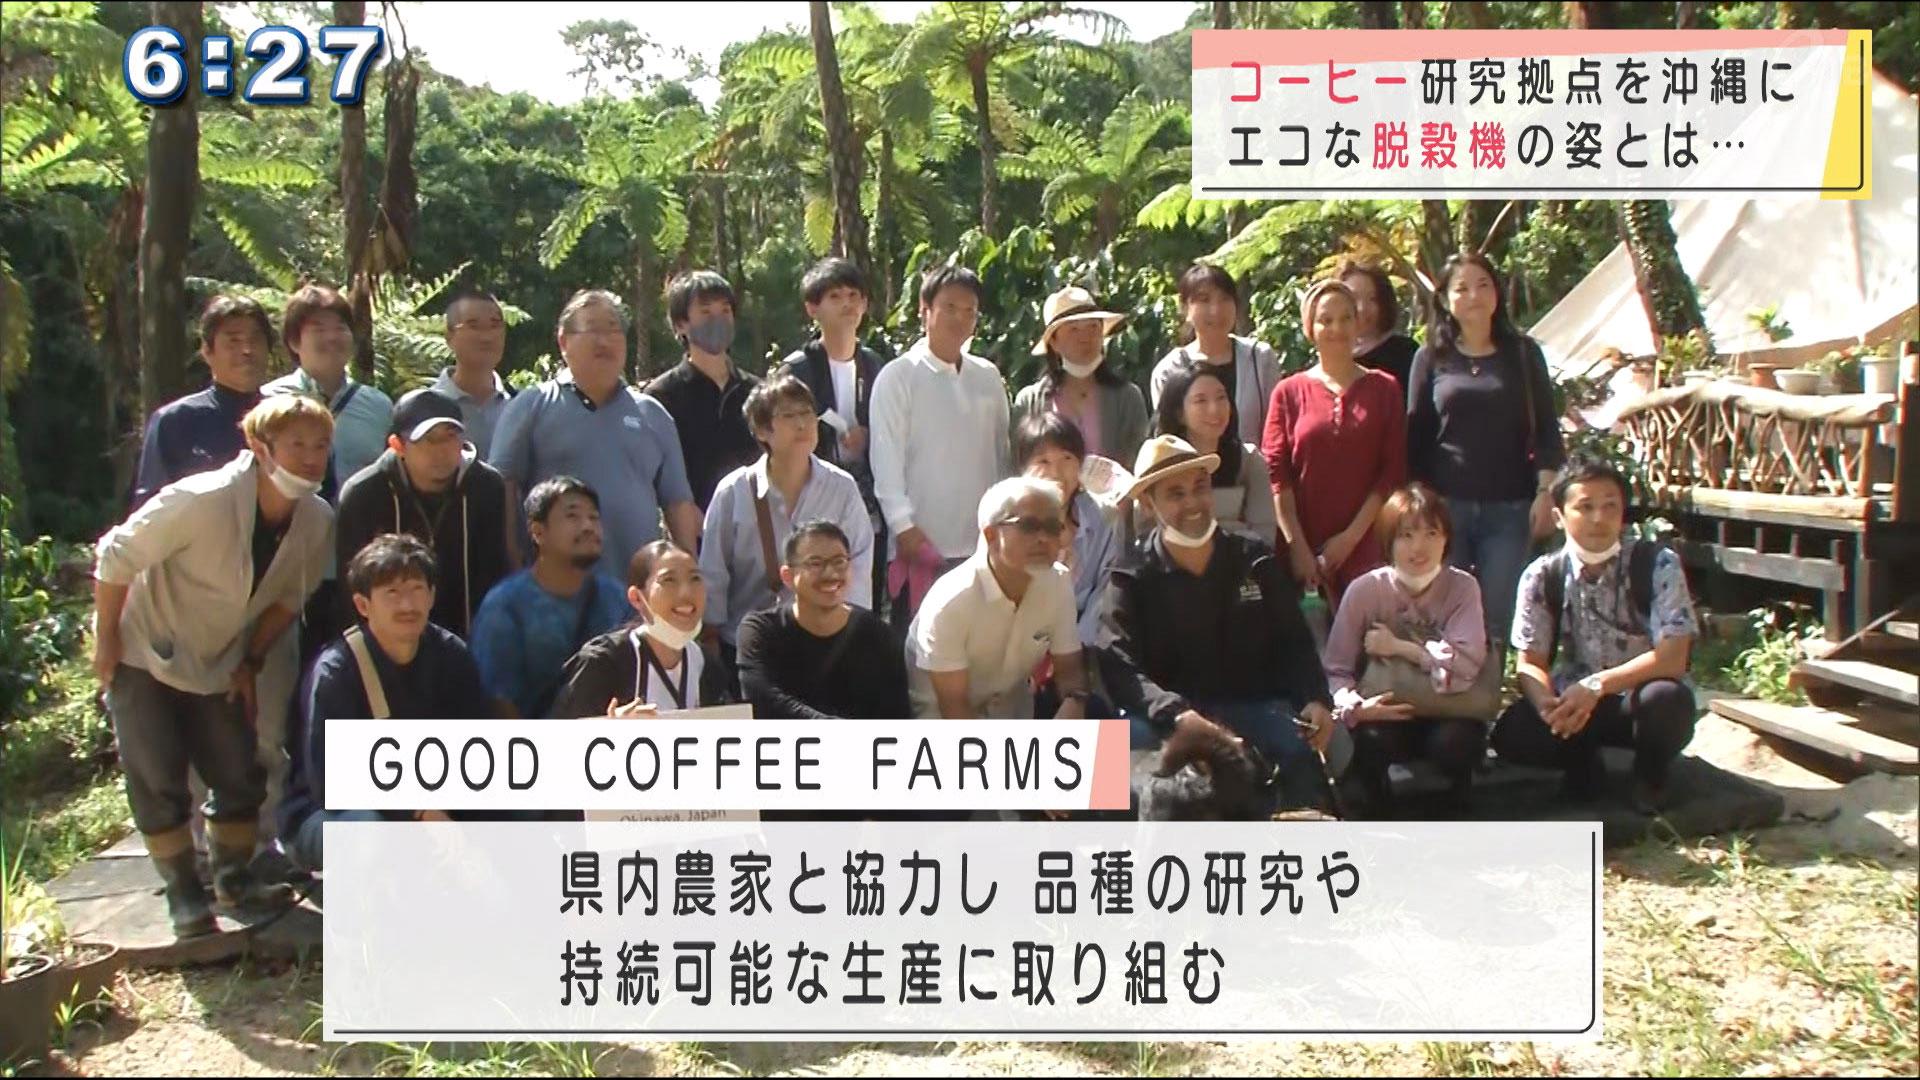 グアテマラ発コーヒーブランド 沖縄に拠点開設